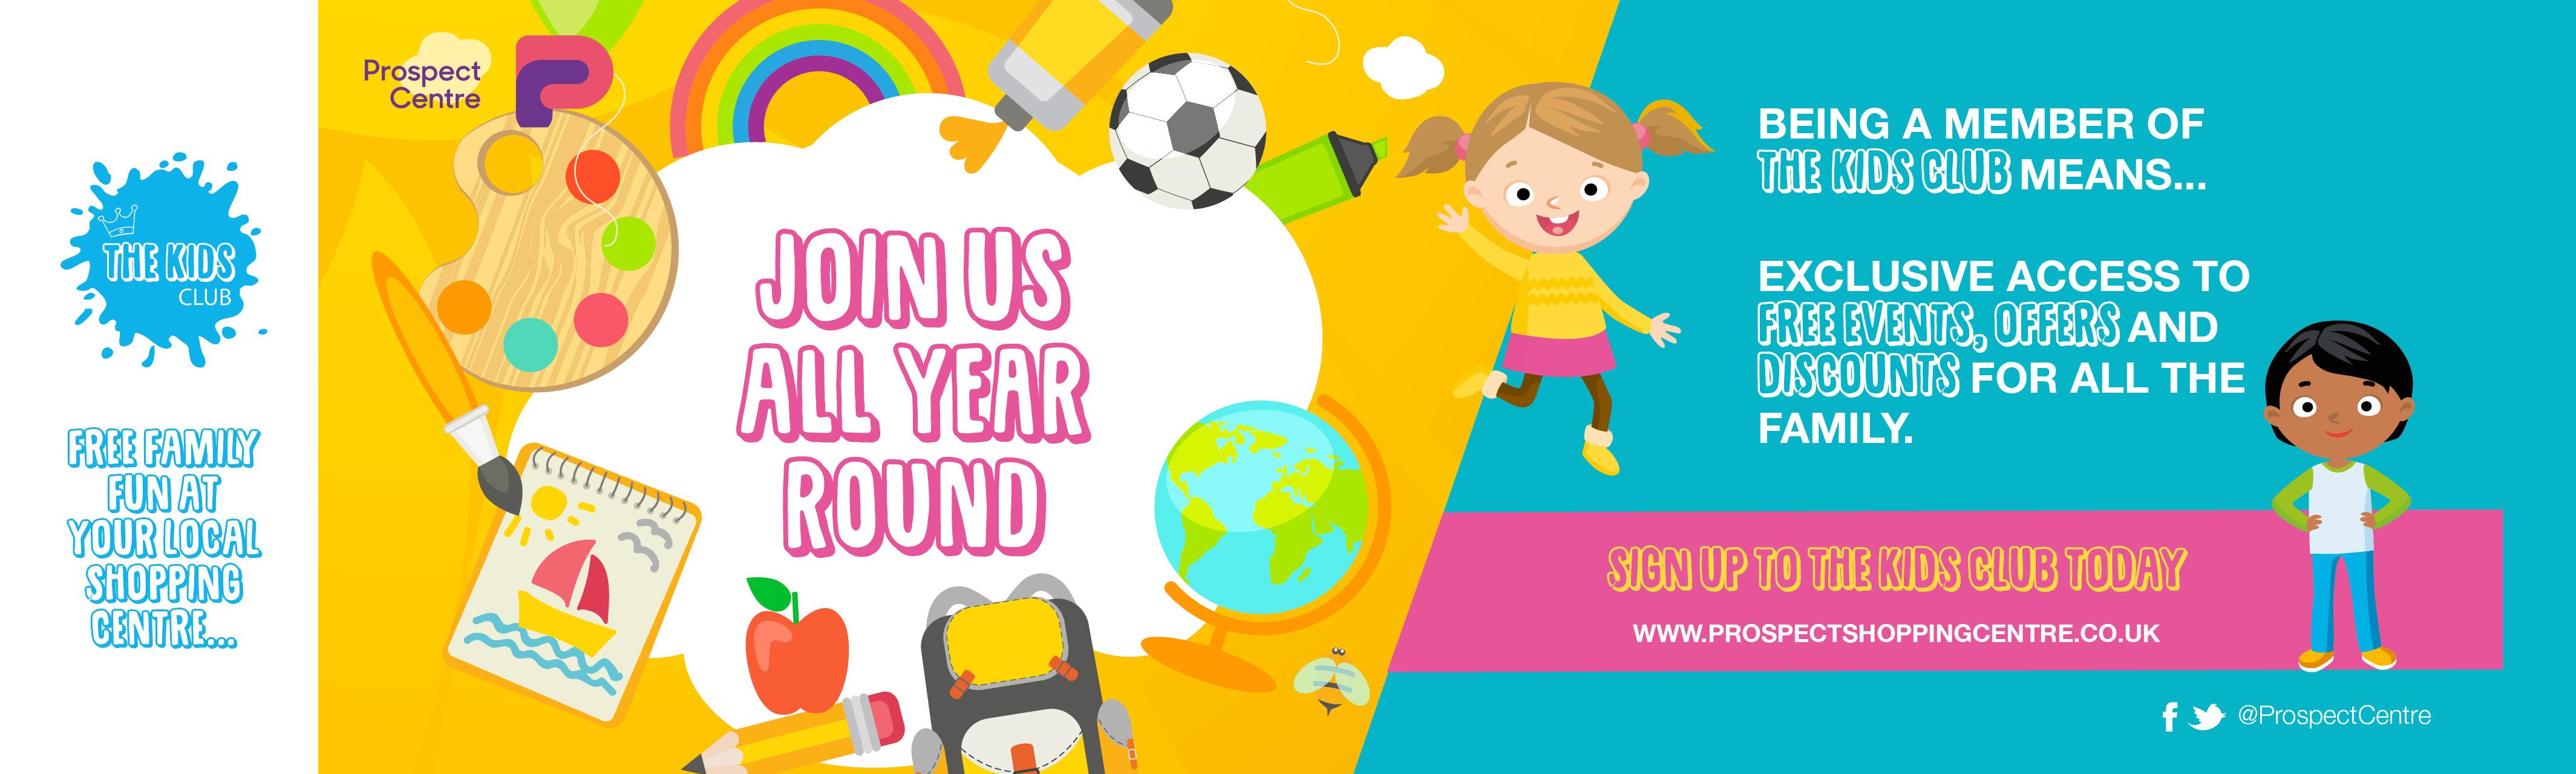 prospectnewwebsite_Kidsclub-1022×307